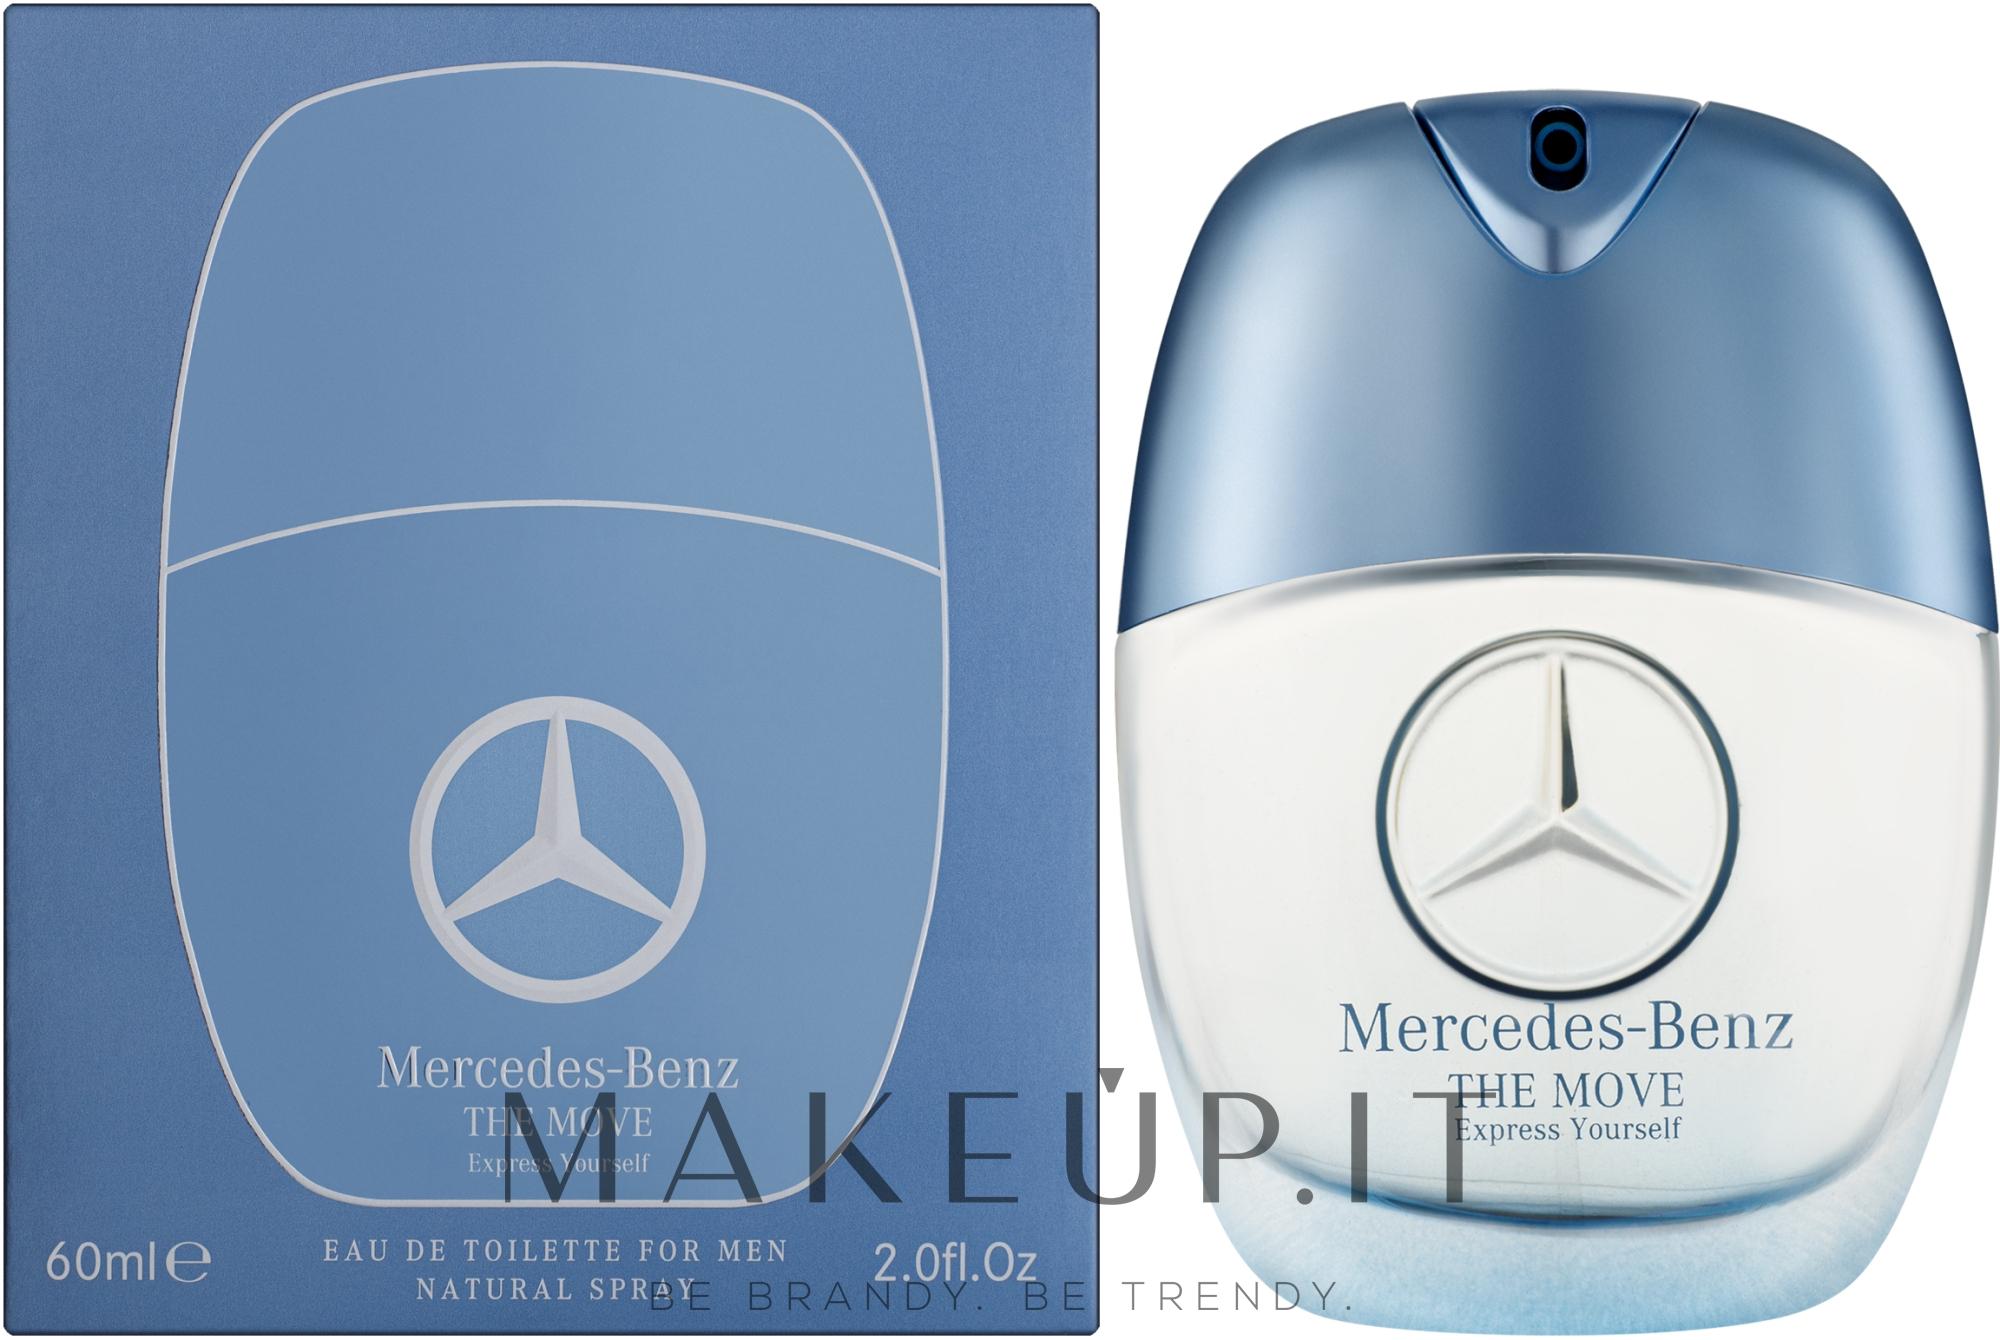 Mercedes-Benz The Move Express Yourself - Eau de Toilette — foto 60 ml